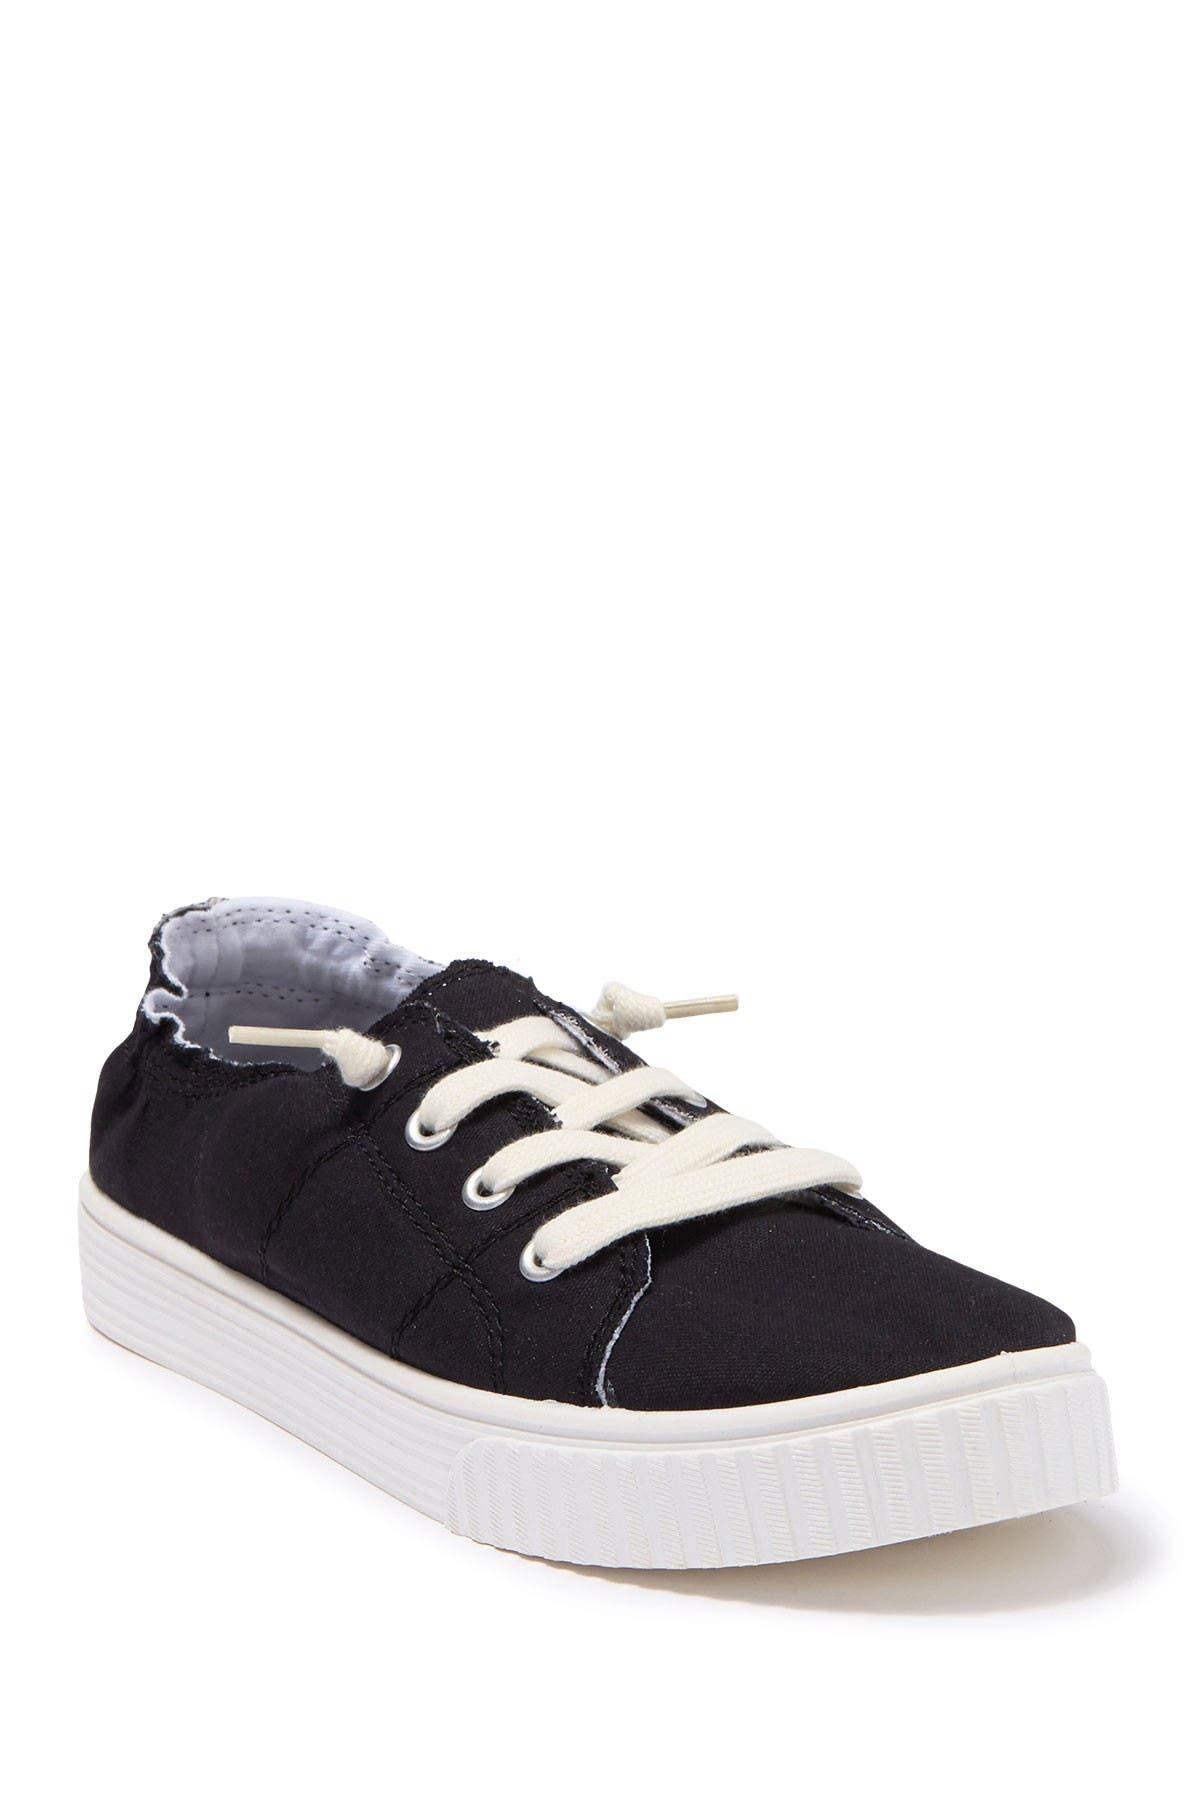 Image of Madden Girl Maris Slip-On Sneaker